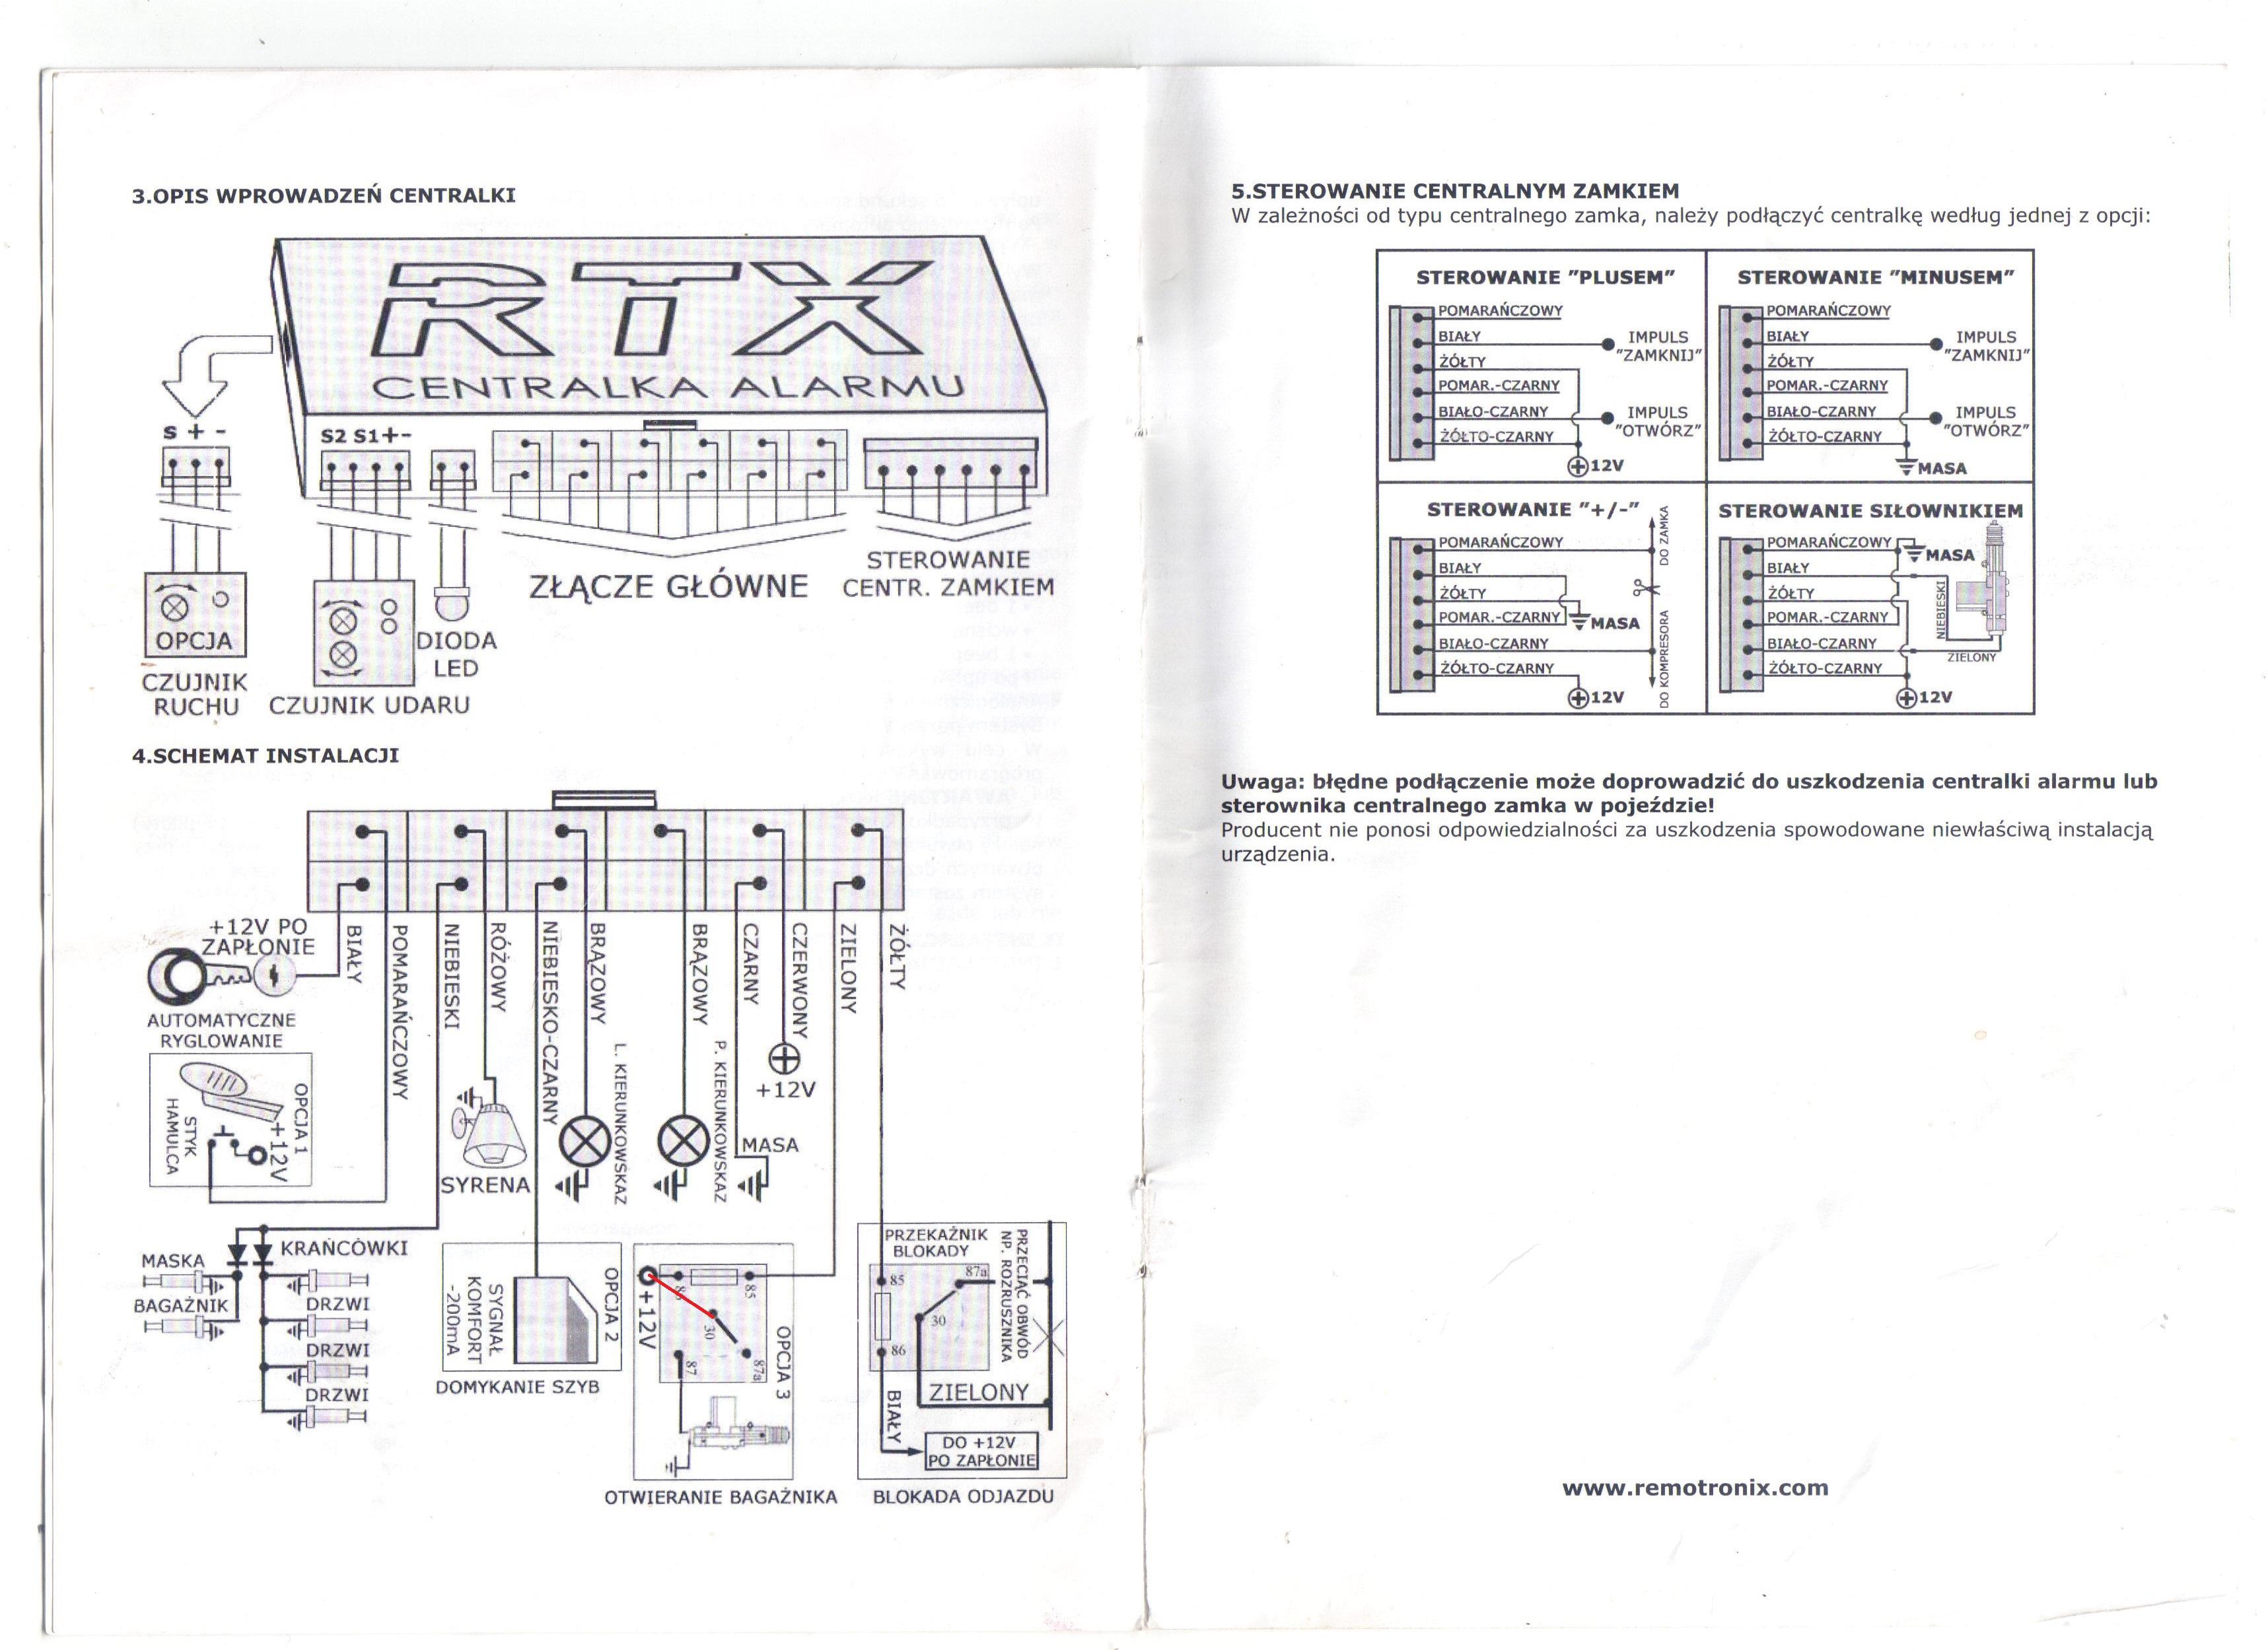 Autoalarm RTX vulcan v3 - Brak sygnalizacji oraz sterowanie baga�nikiem